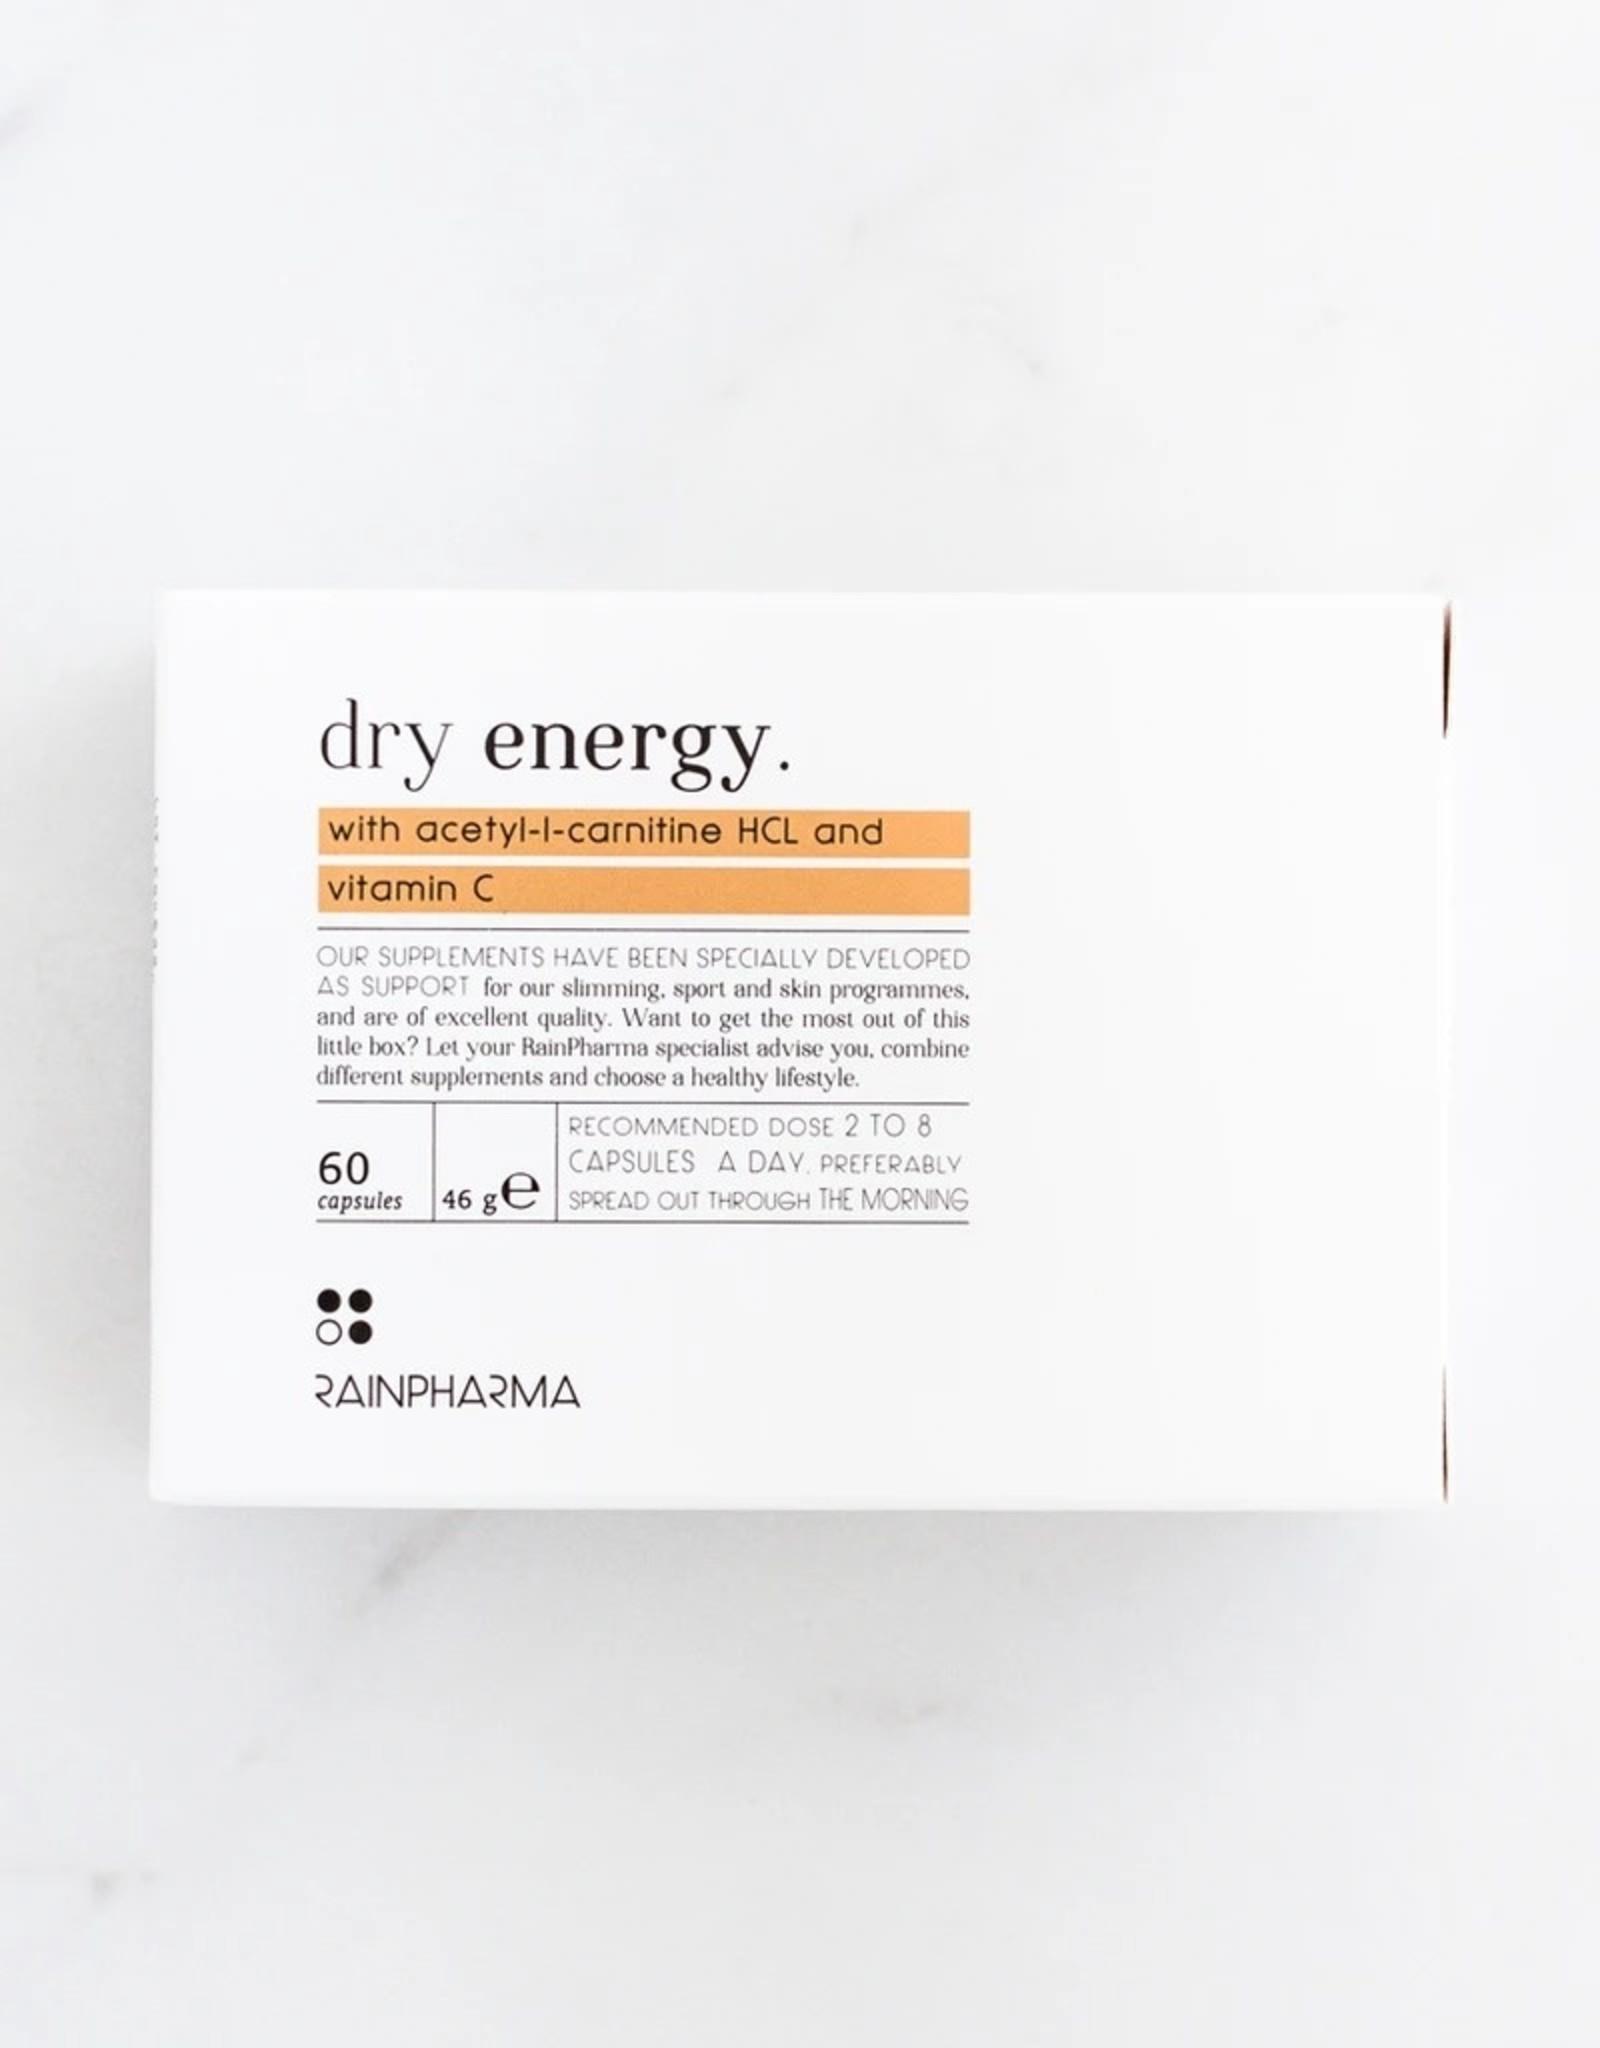 RainPharma Dry Energy 60 caps - Rainpharma